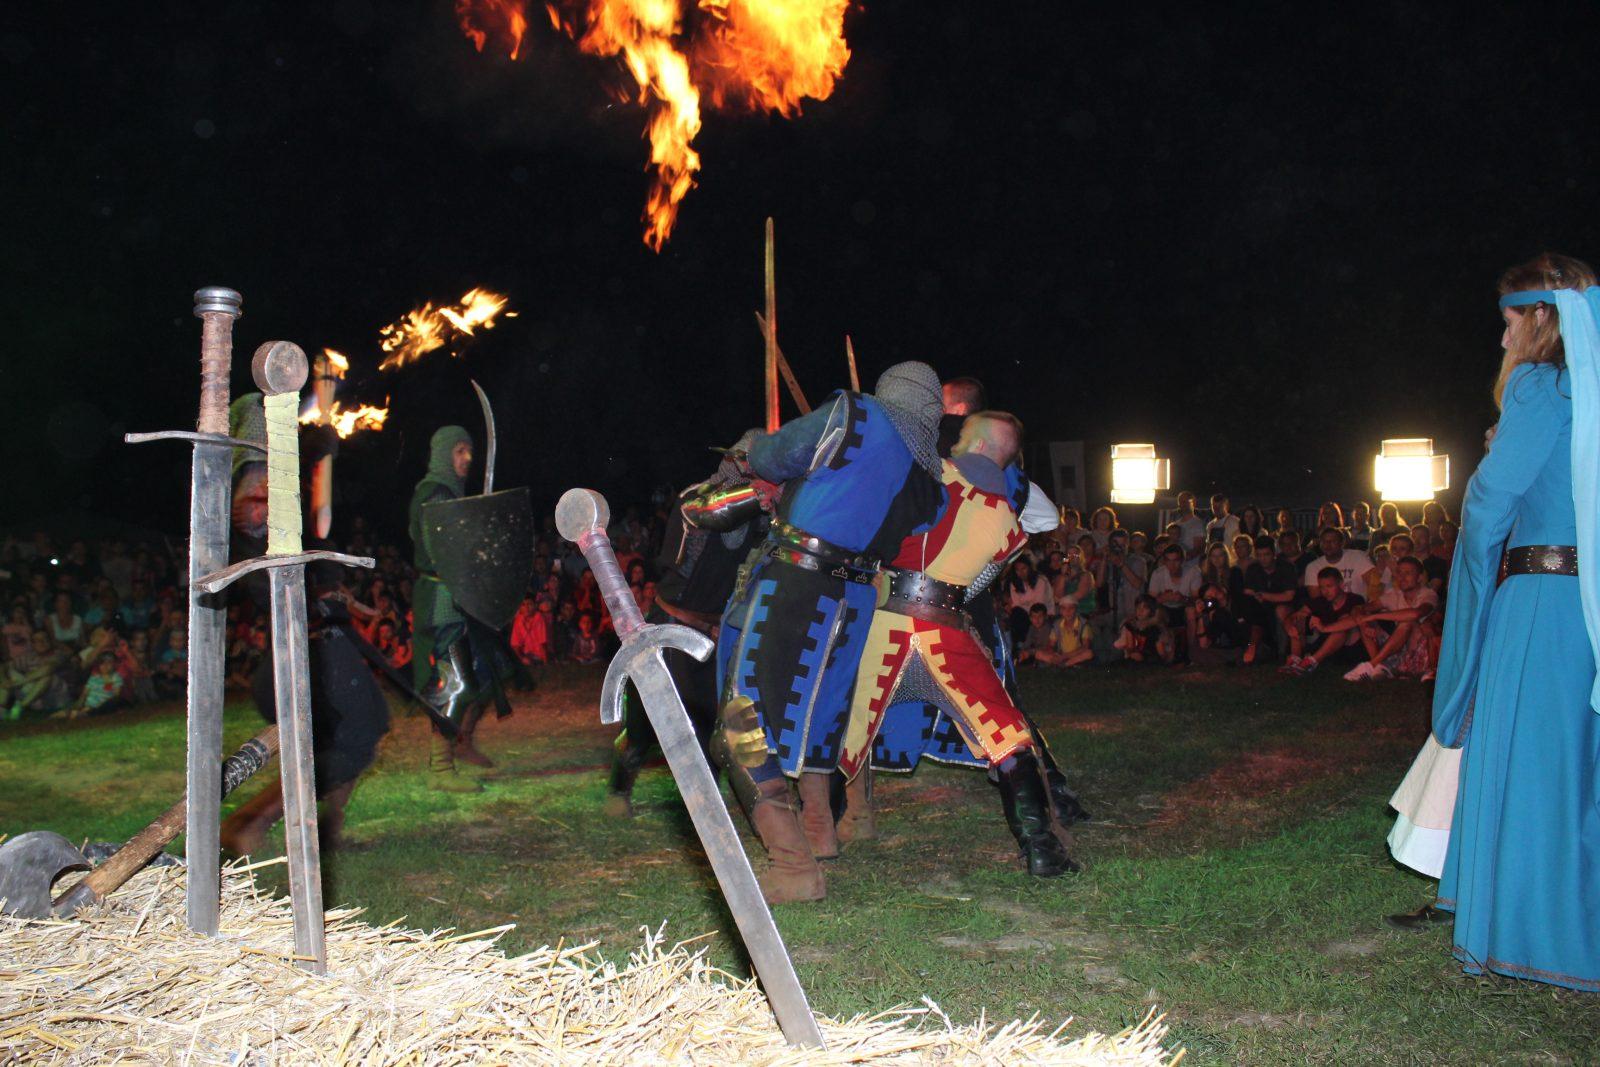 De vineri până duminică cavalerii și prințesele pun stăpânire pe Cetatea Ardudului. Va avea lco MedievArtFest 2017